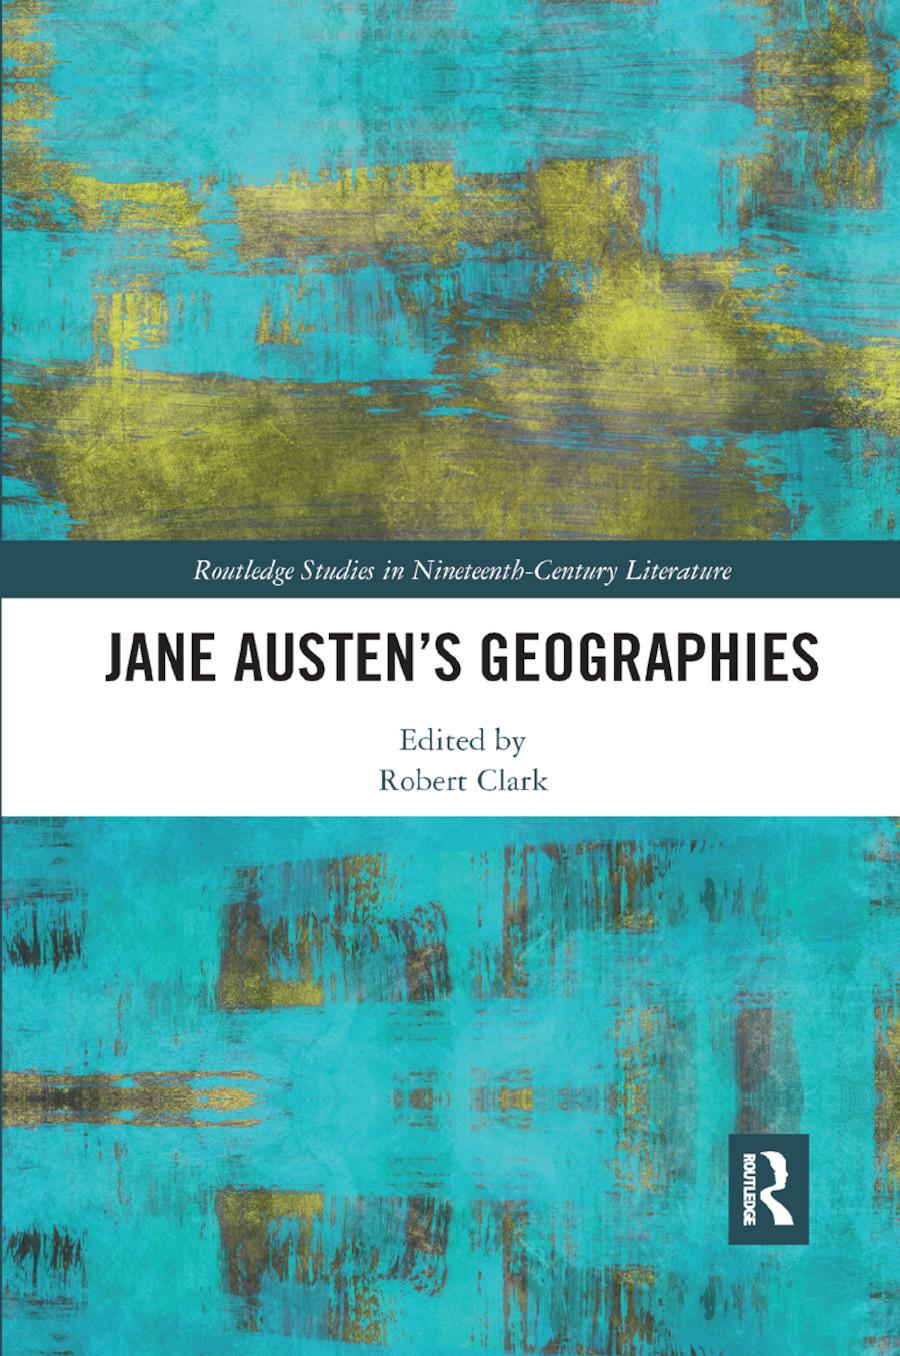 Jane Austen's Geographies